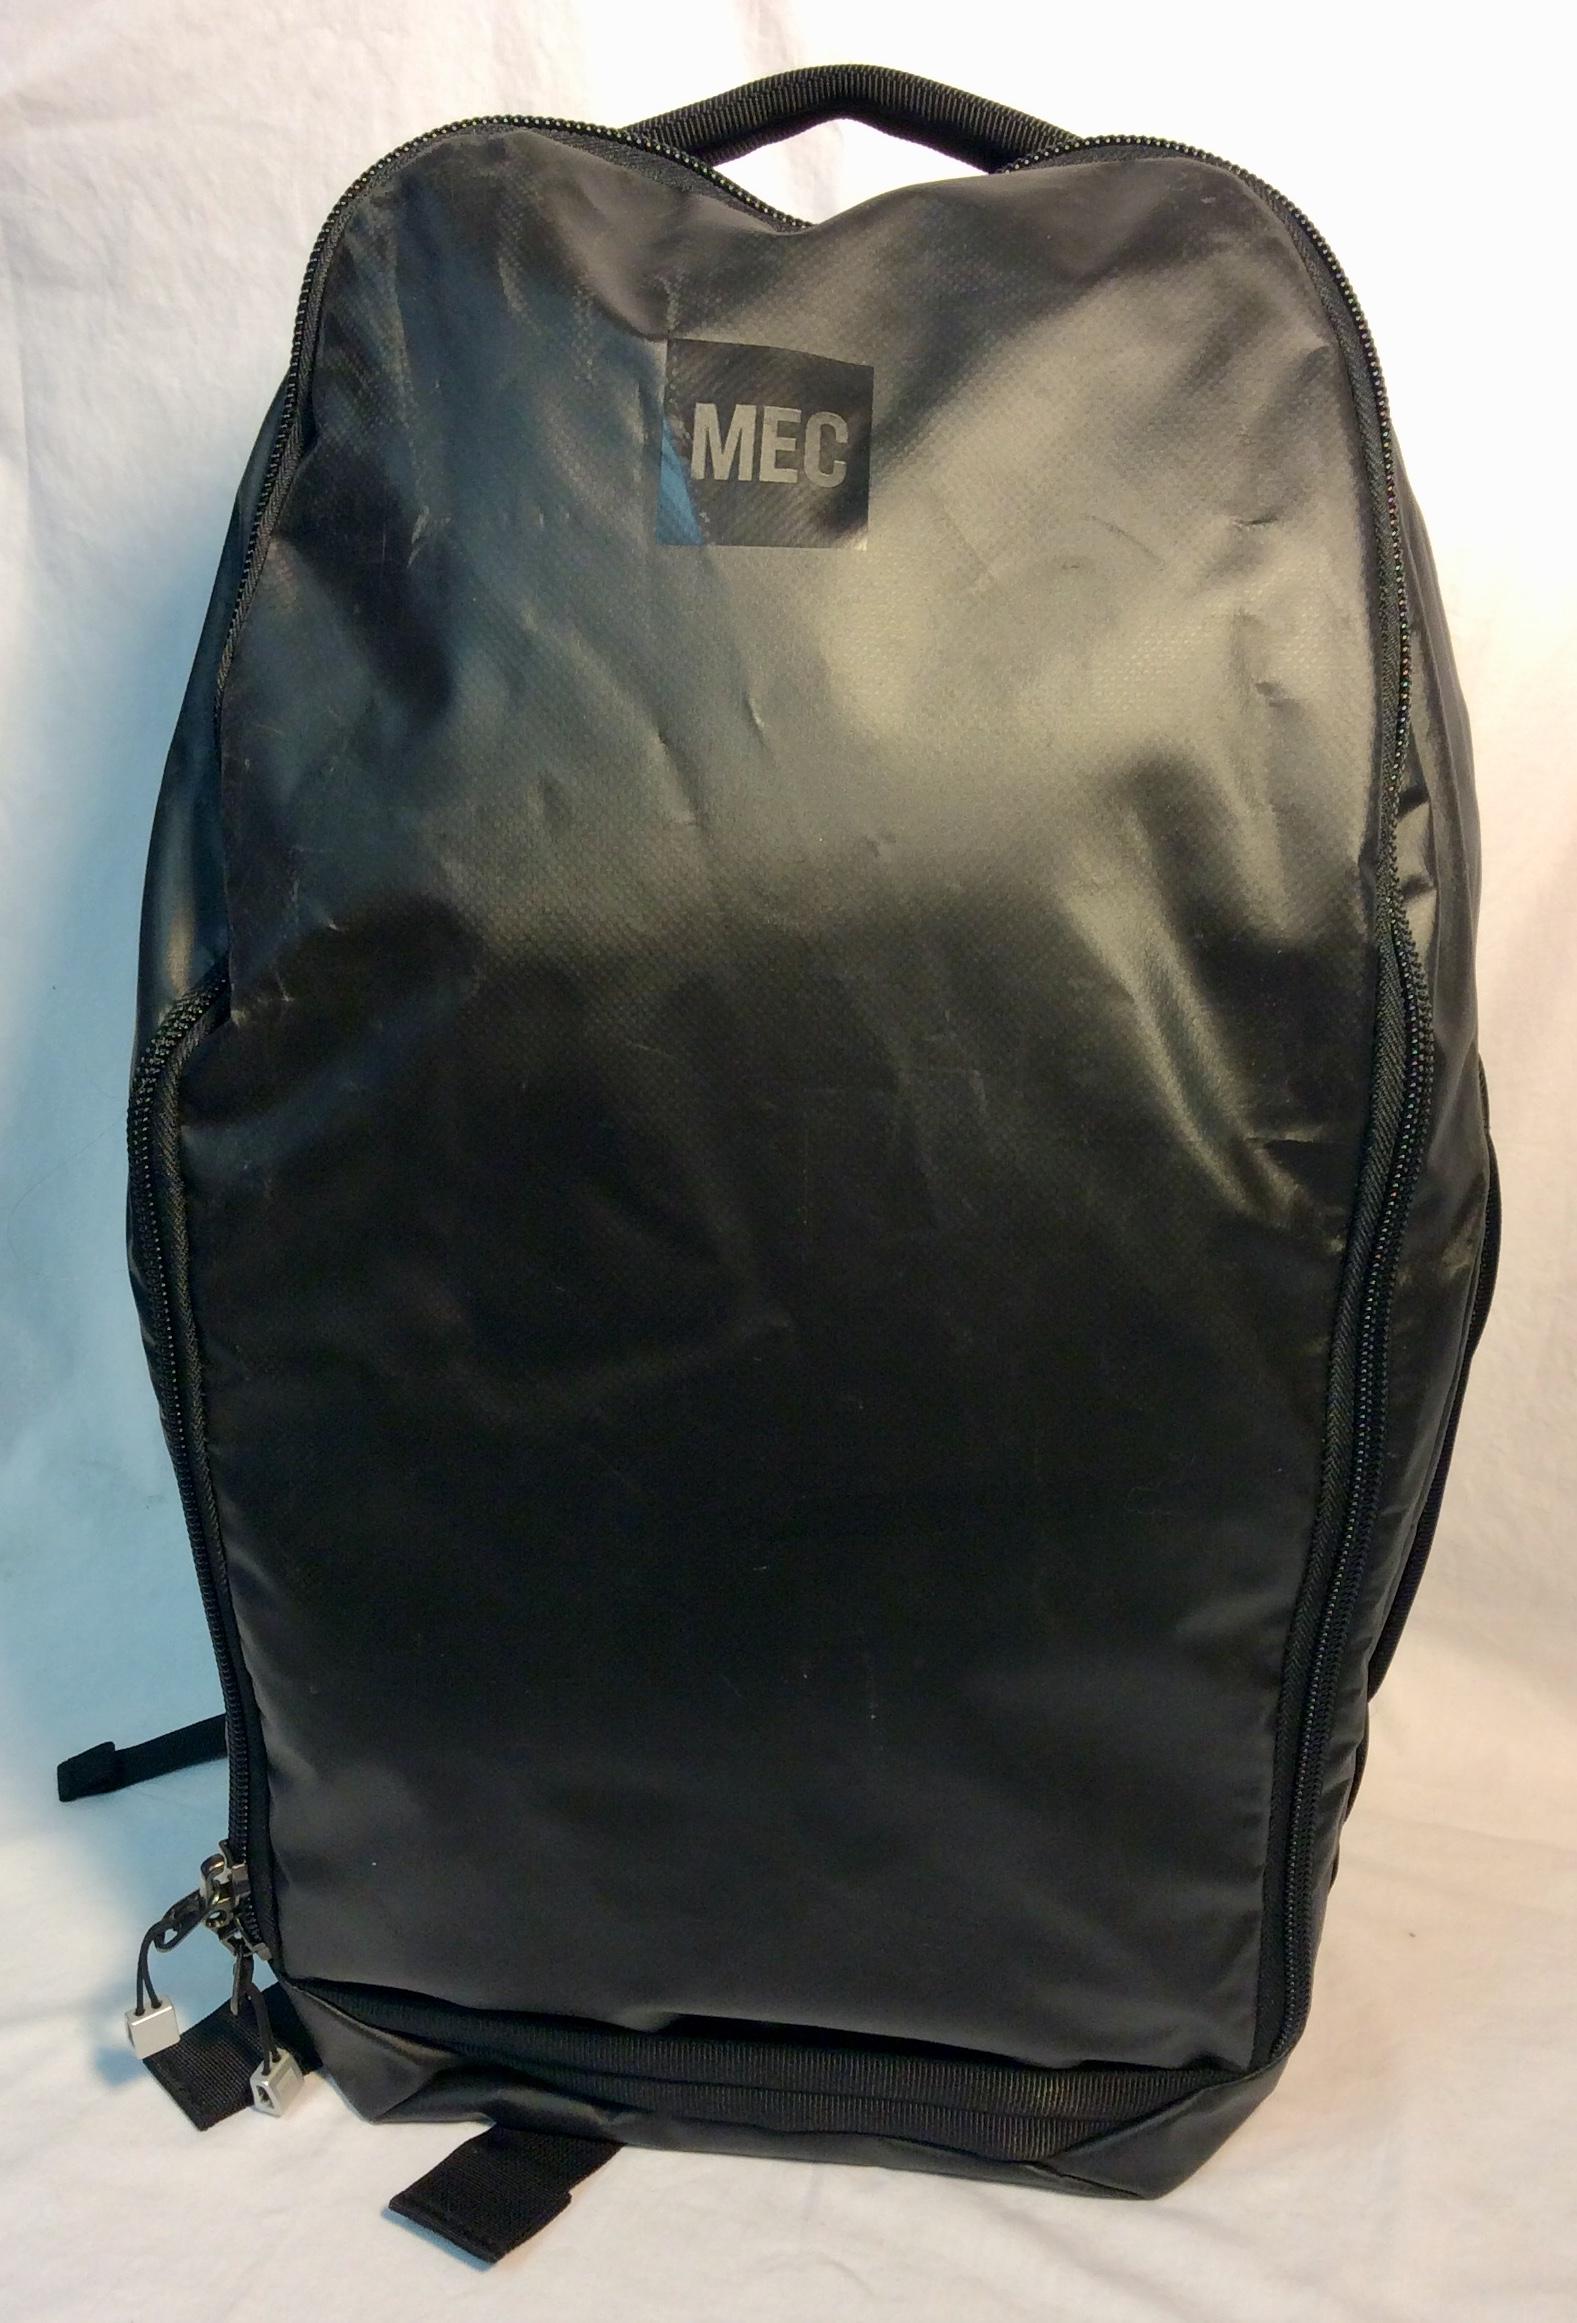 Black vinyl MEC Outpost Pack bag